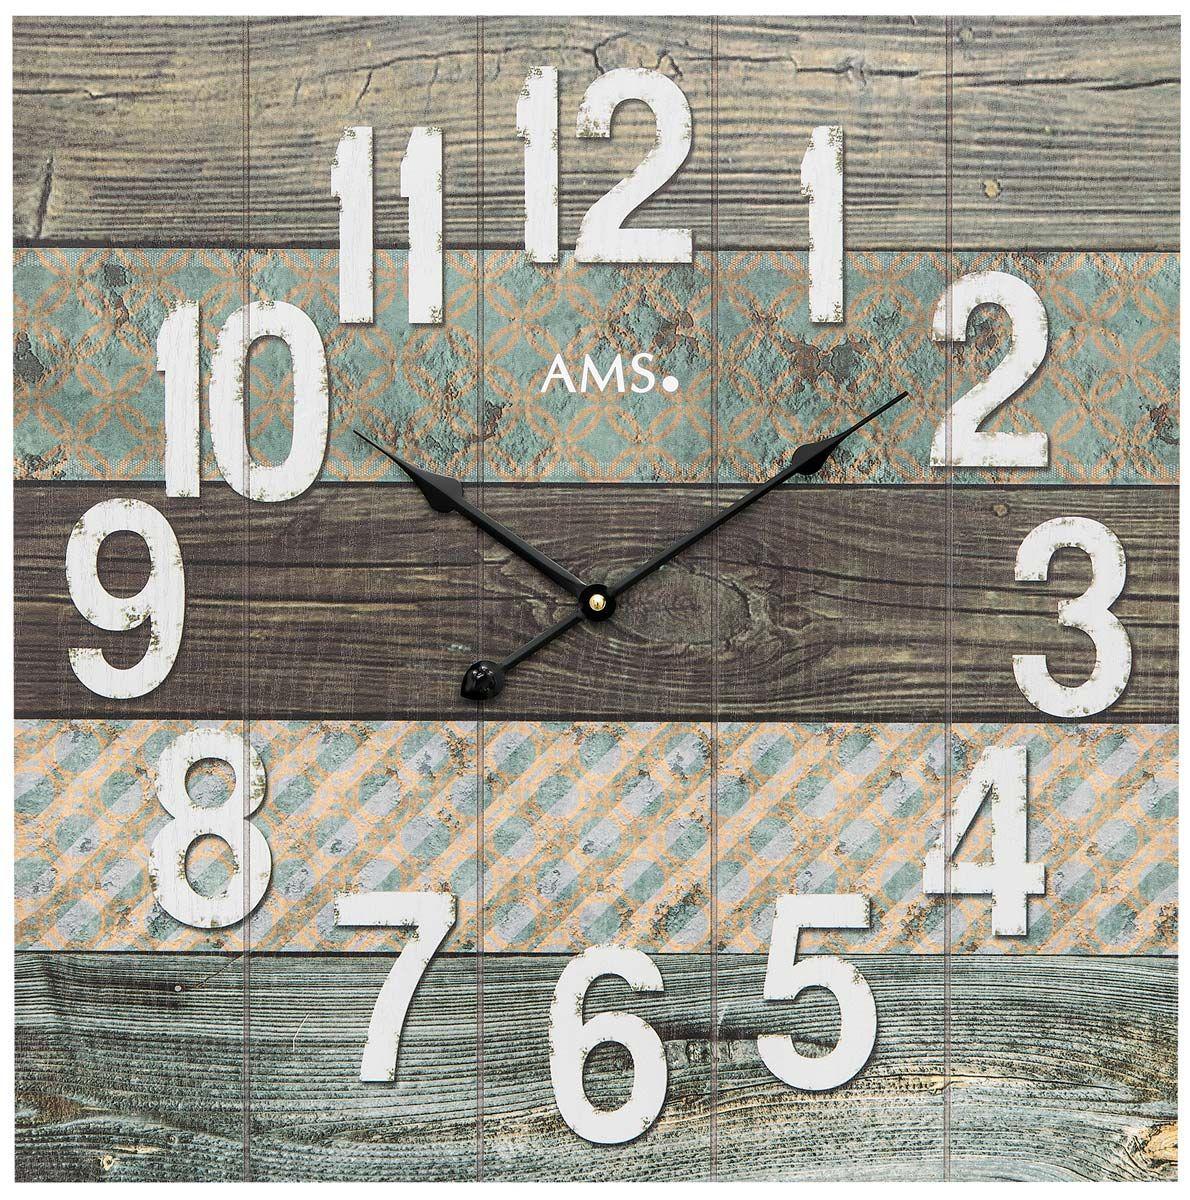 """AMS hodiny jsou synonymem estetiky a kvality. Přesné a spolehlivé stroje, nejlepší výběr materiálů, té nejvyšší kvality a do detailu přesně propracovaný a nápaditý design, dělá z těchto precizních """"Bl"""